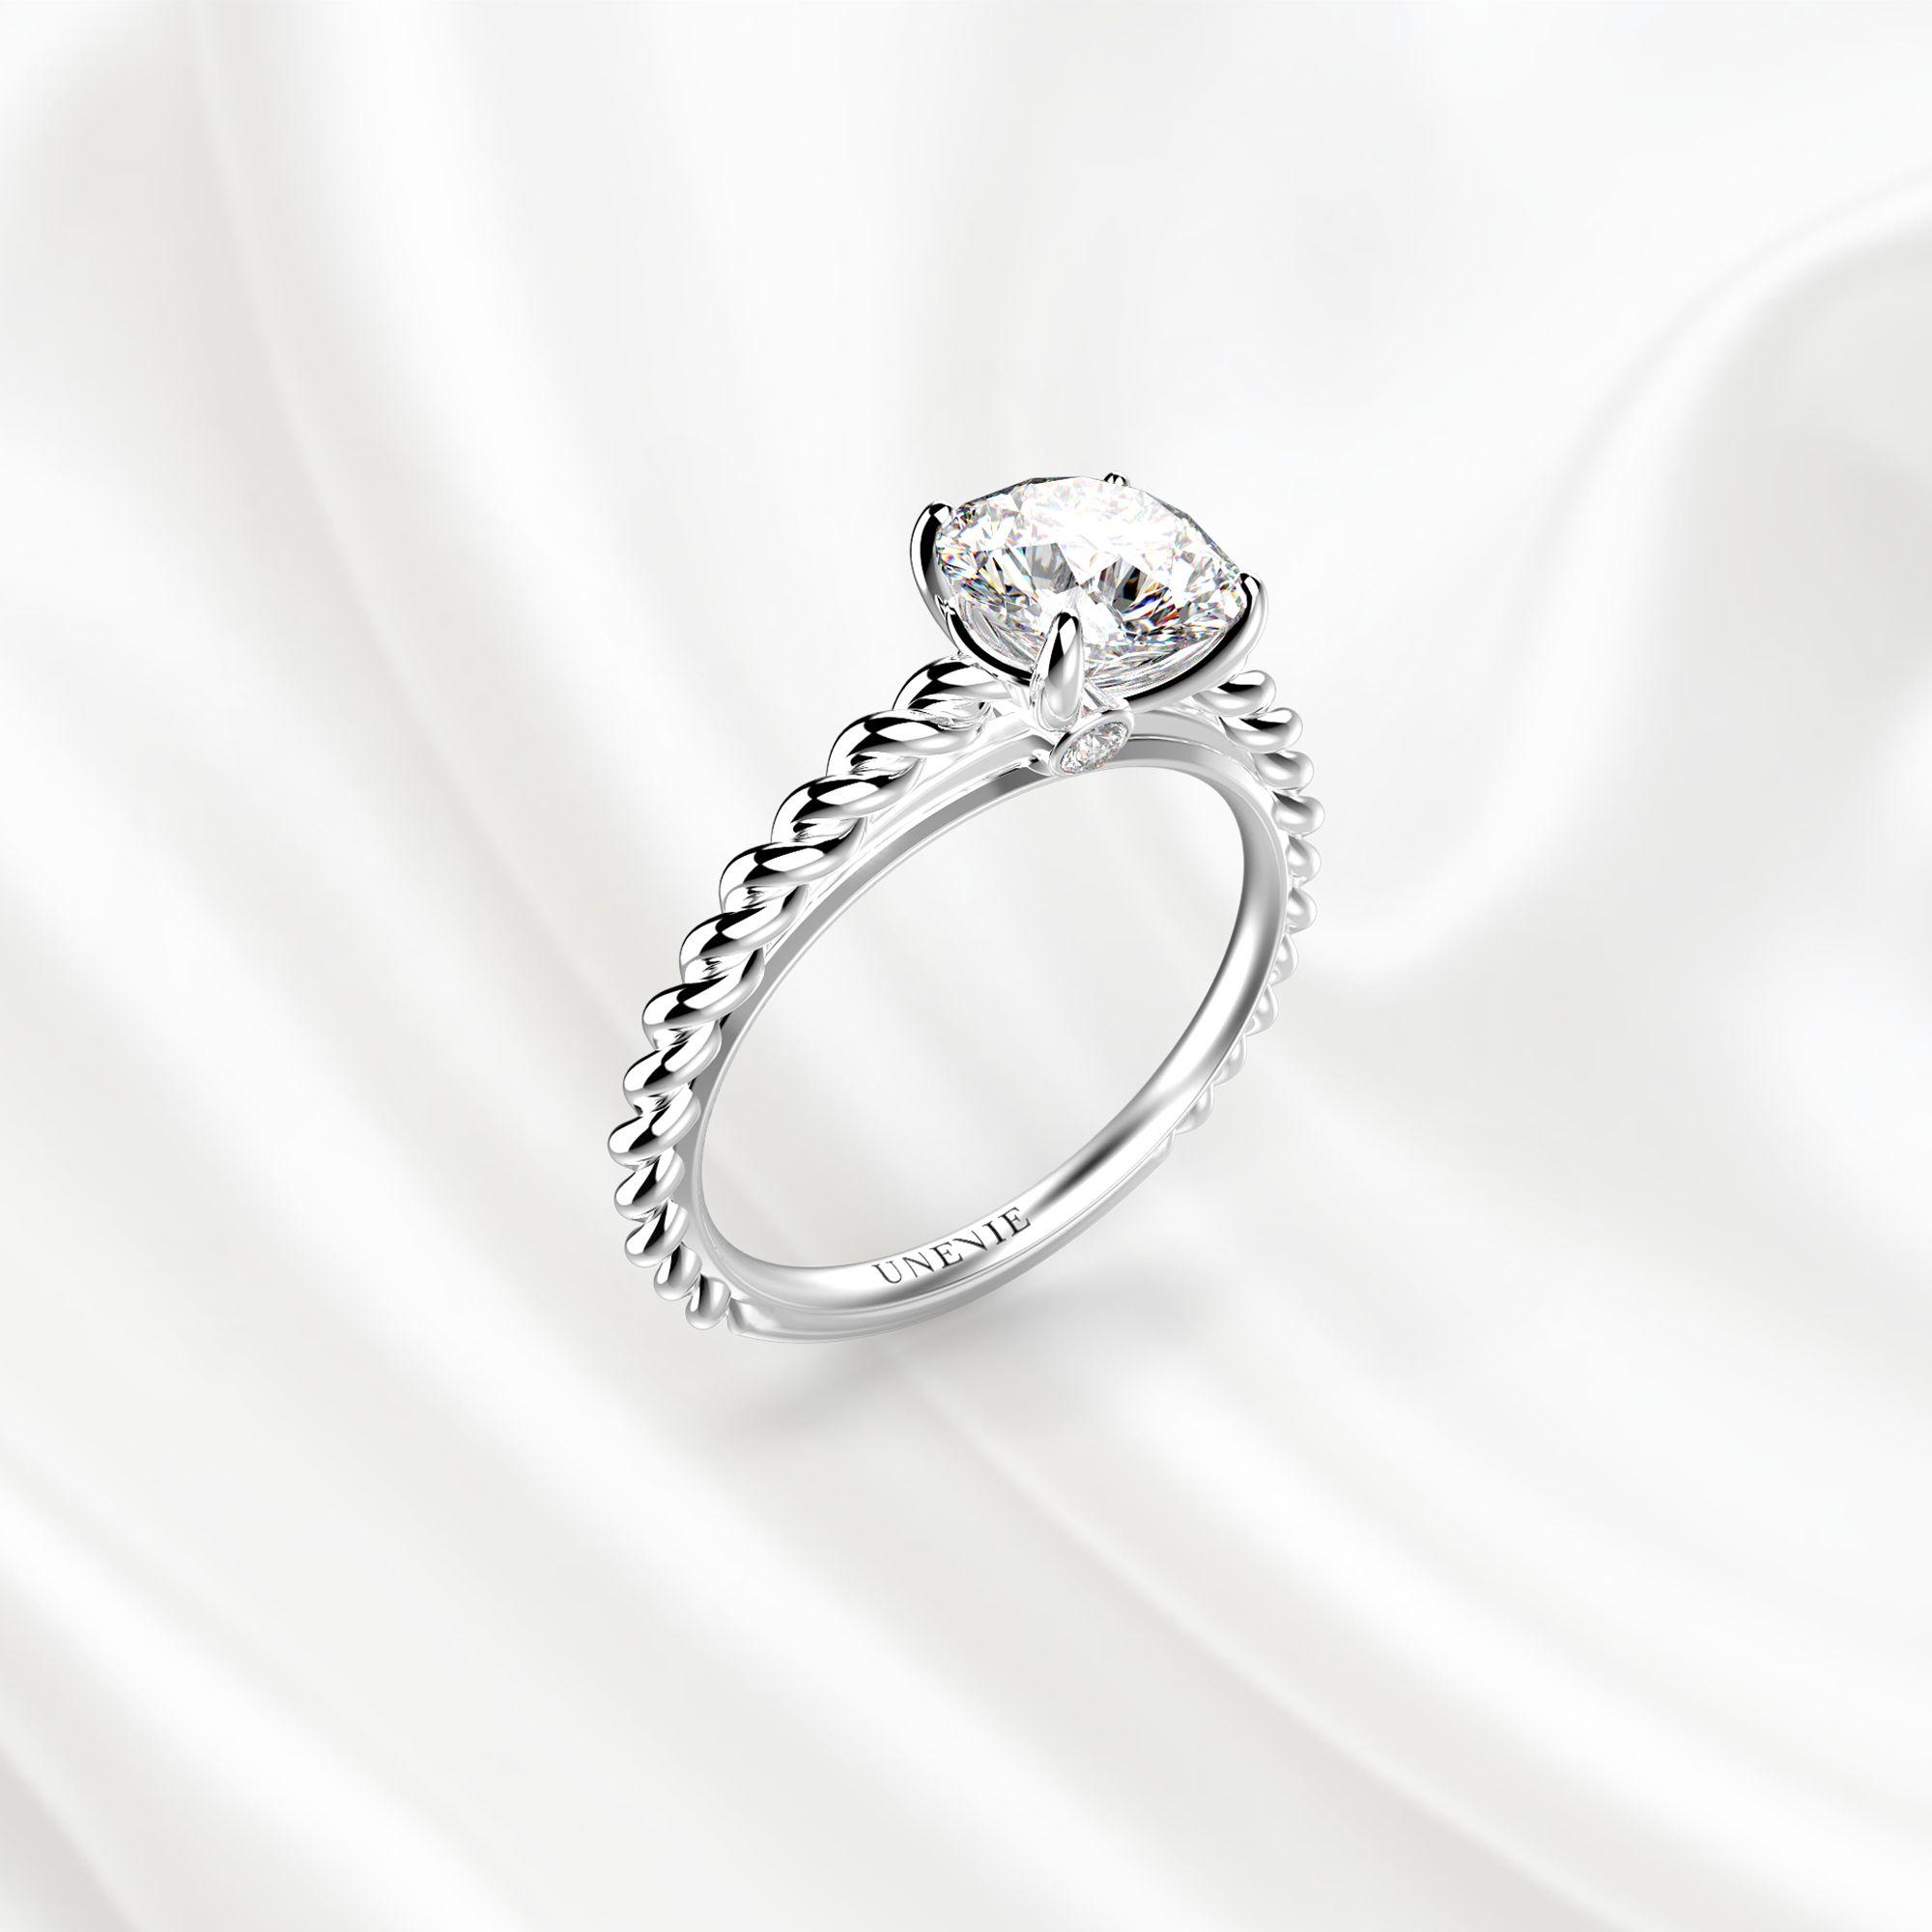 N14 Помолвочное кольцо из белого золота с бриллиантом 0.6 карат